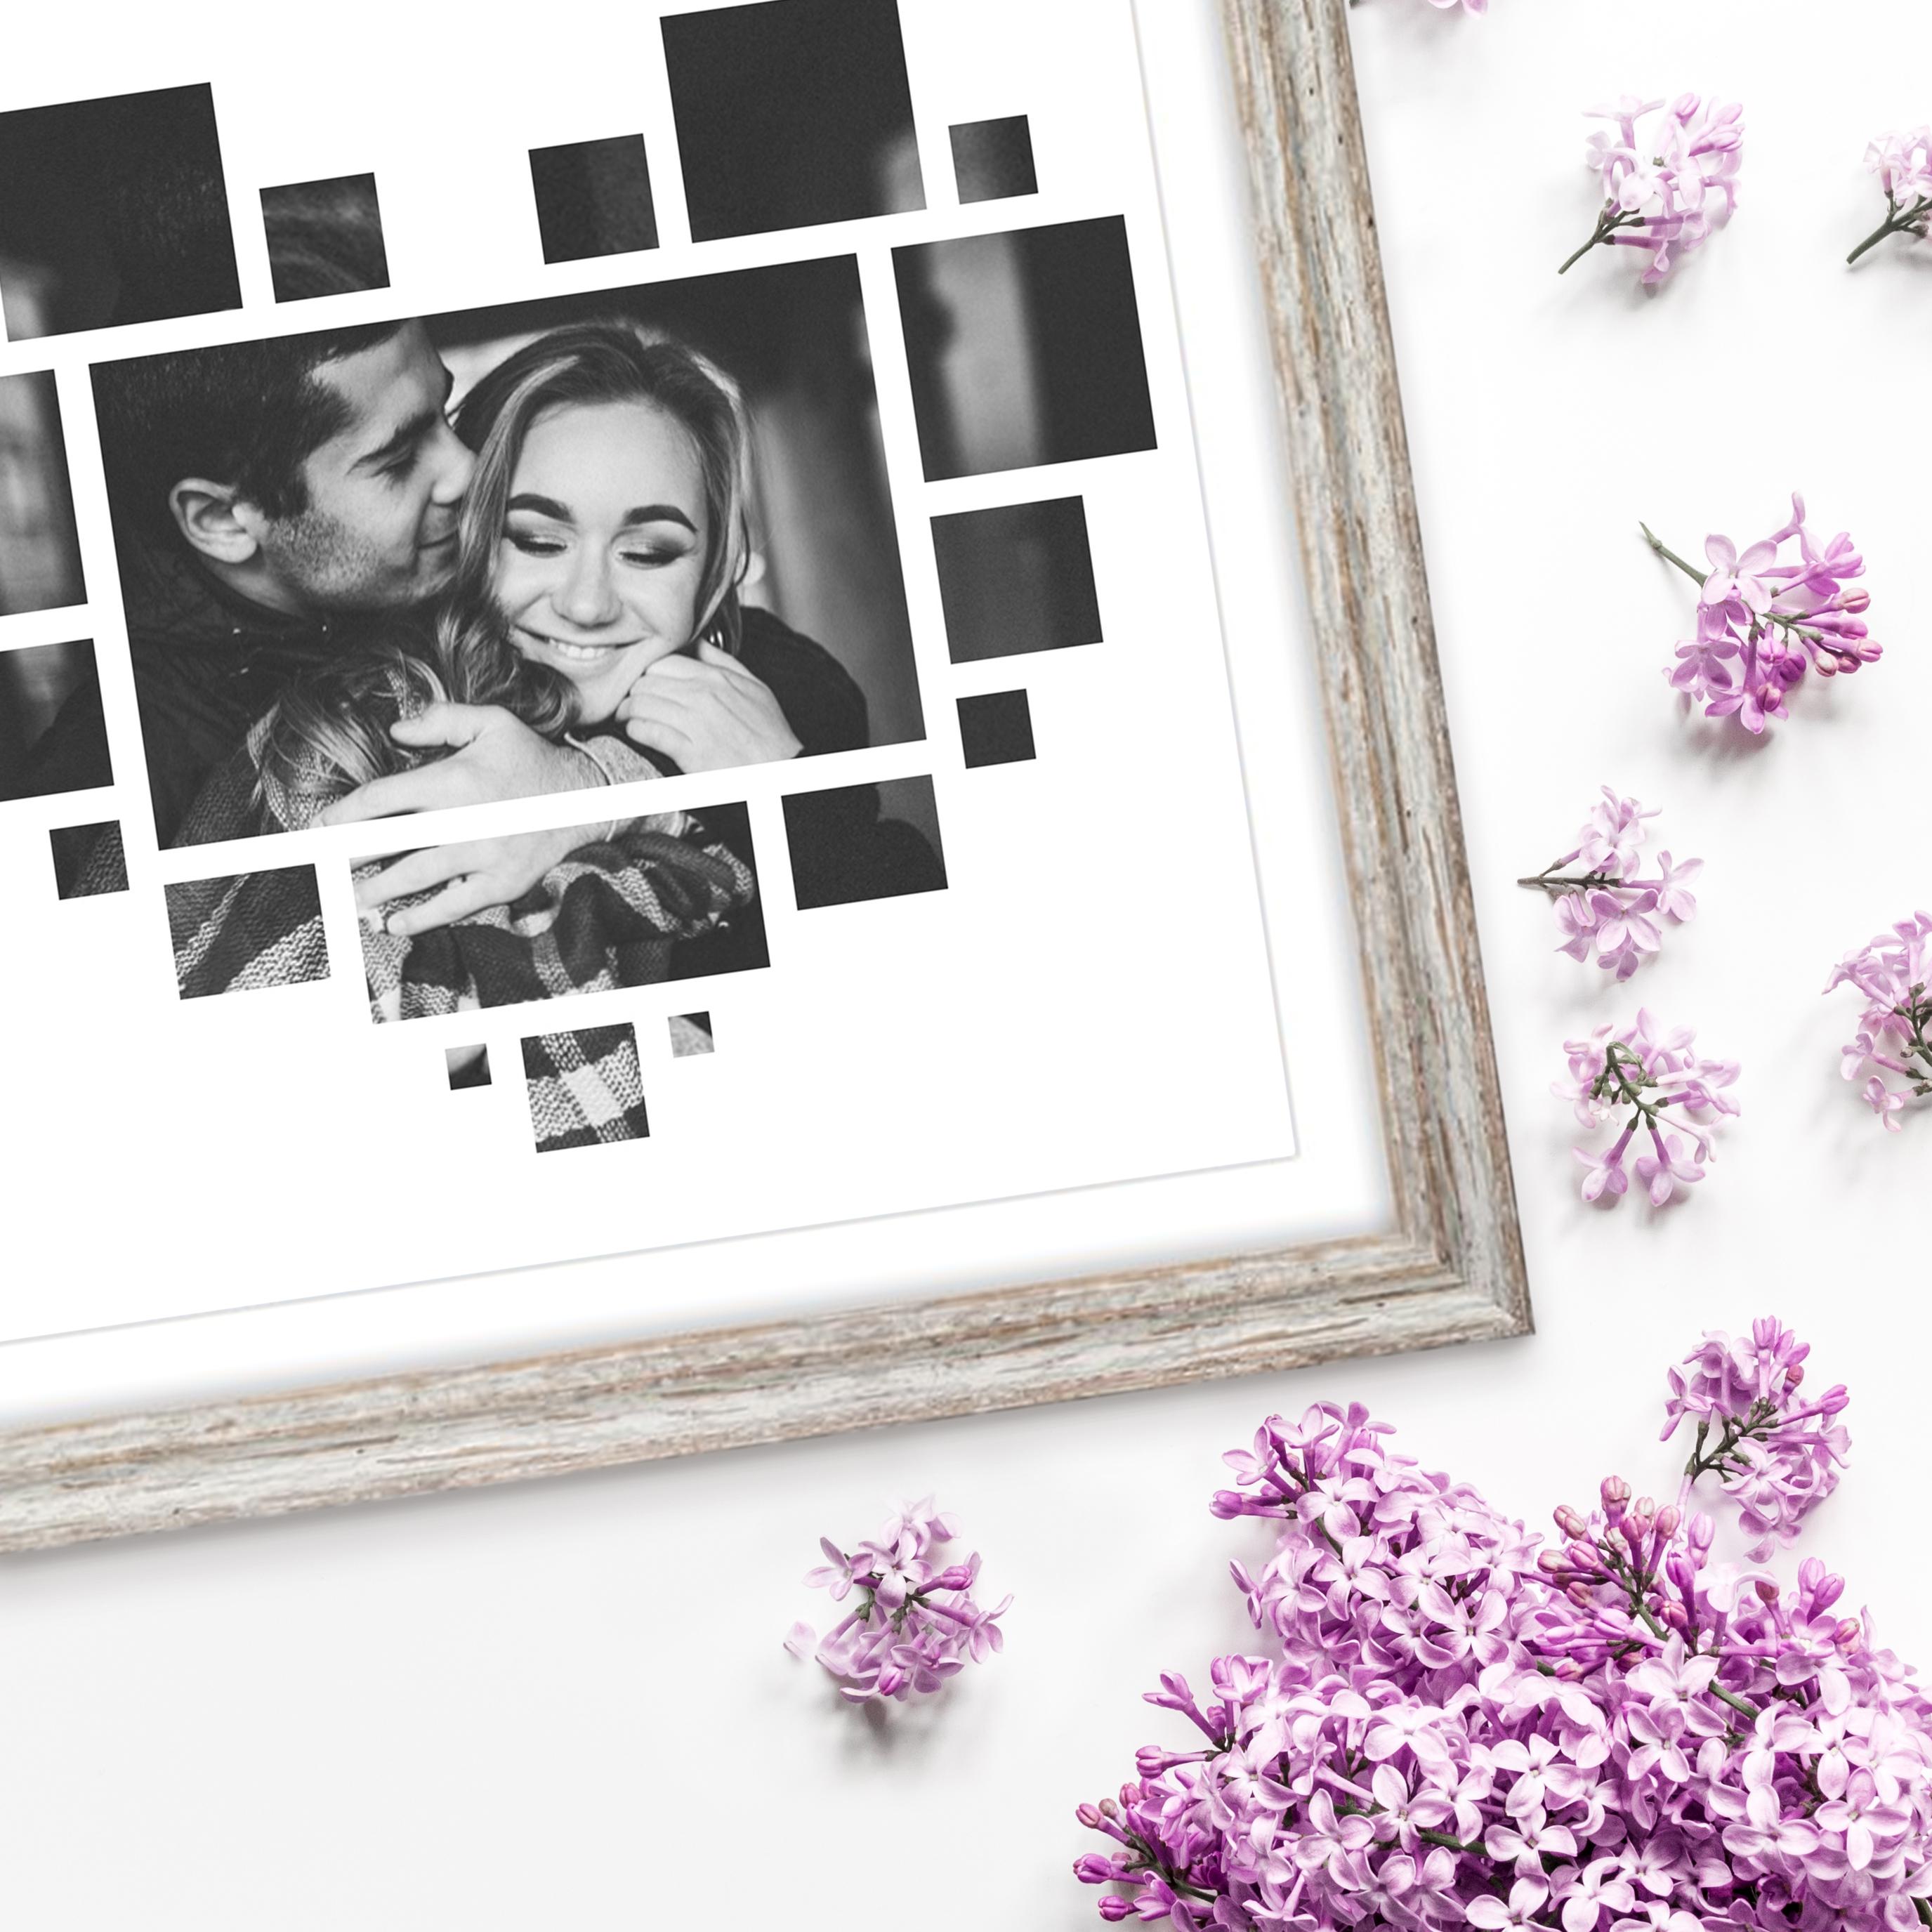 Paarfotografie / Pärchen Bilder Idee zum Valentinstag: Herz Fotocollage im Vintagerahmen